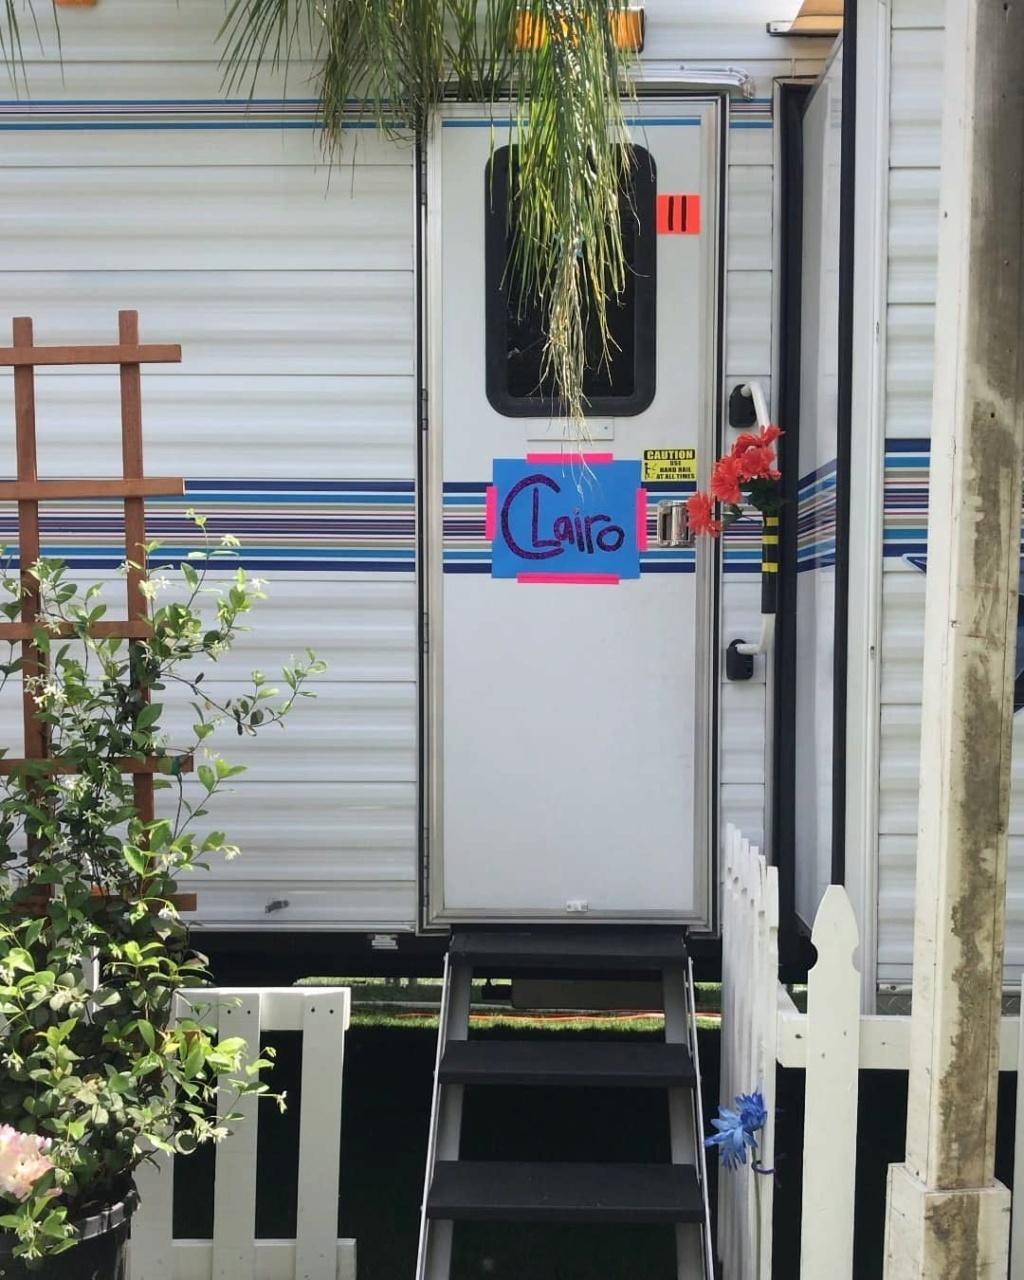 Coachella 2020 - Pedazo festival acampando en tu casa - Cerrado hasta octubre - Página 6 55947310